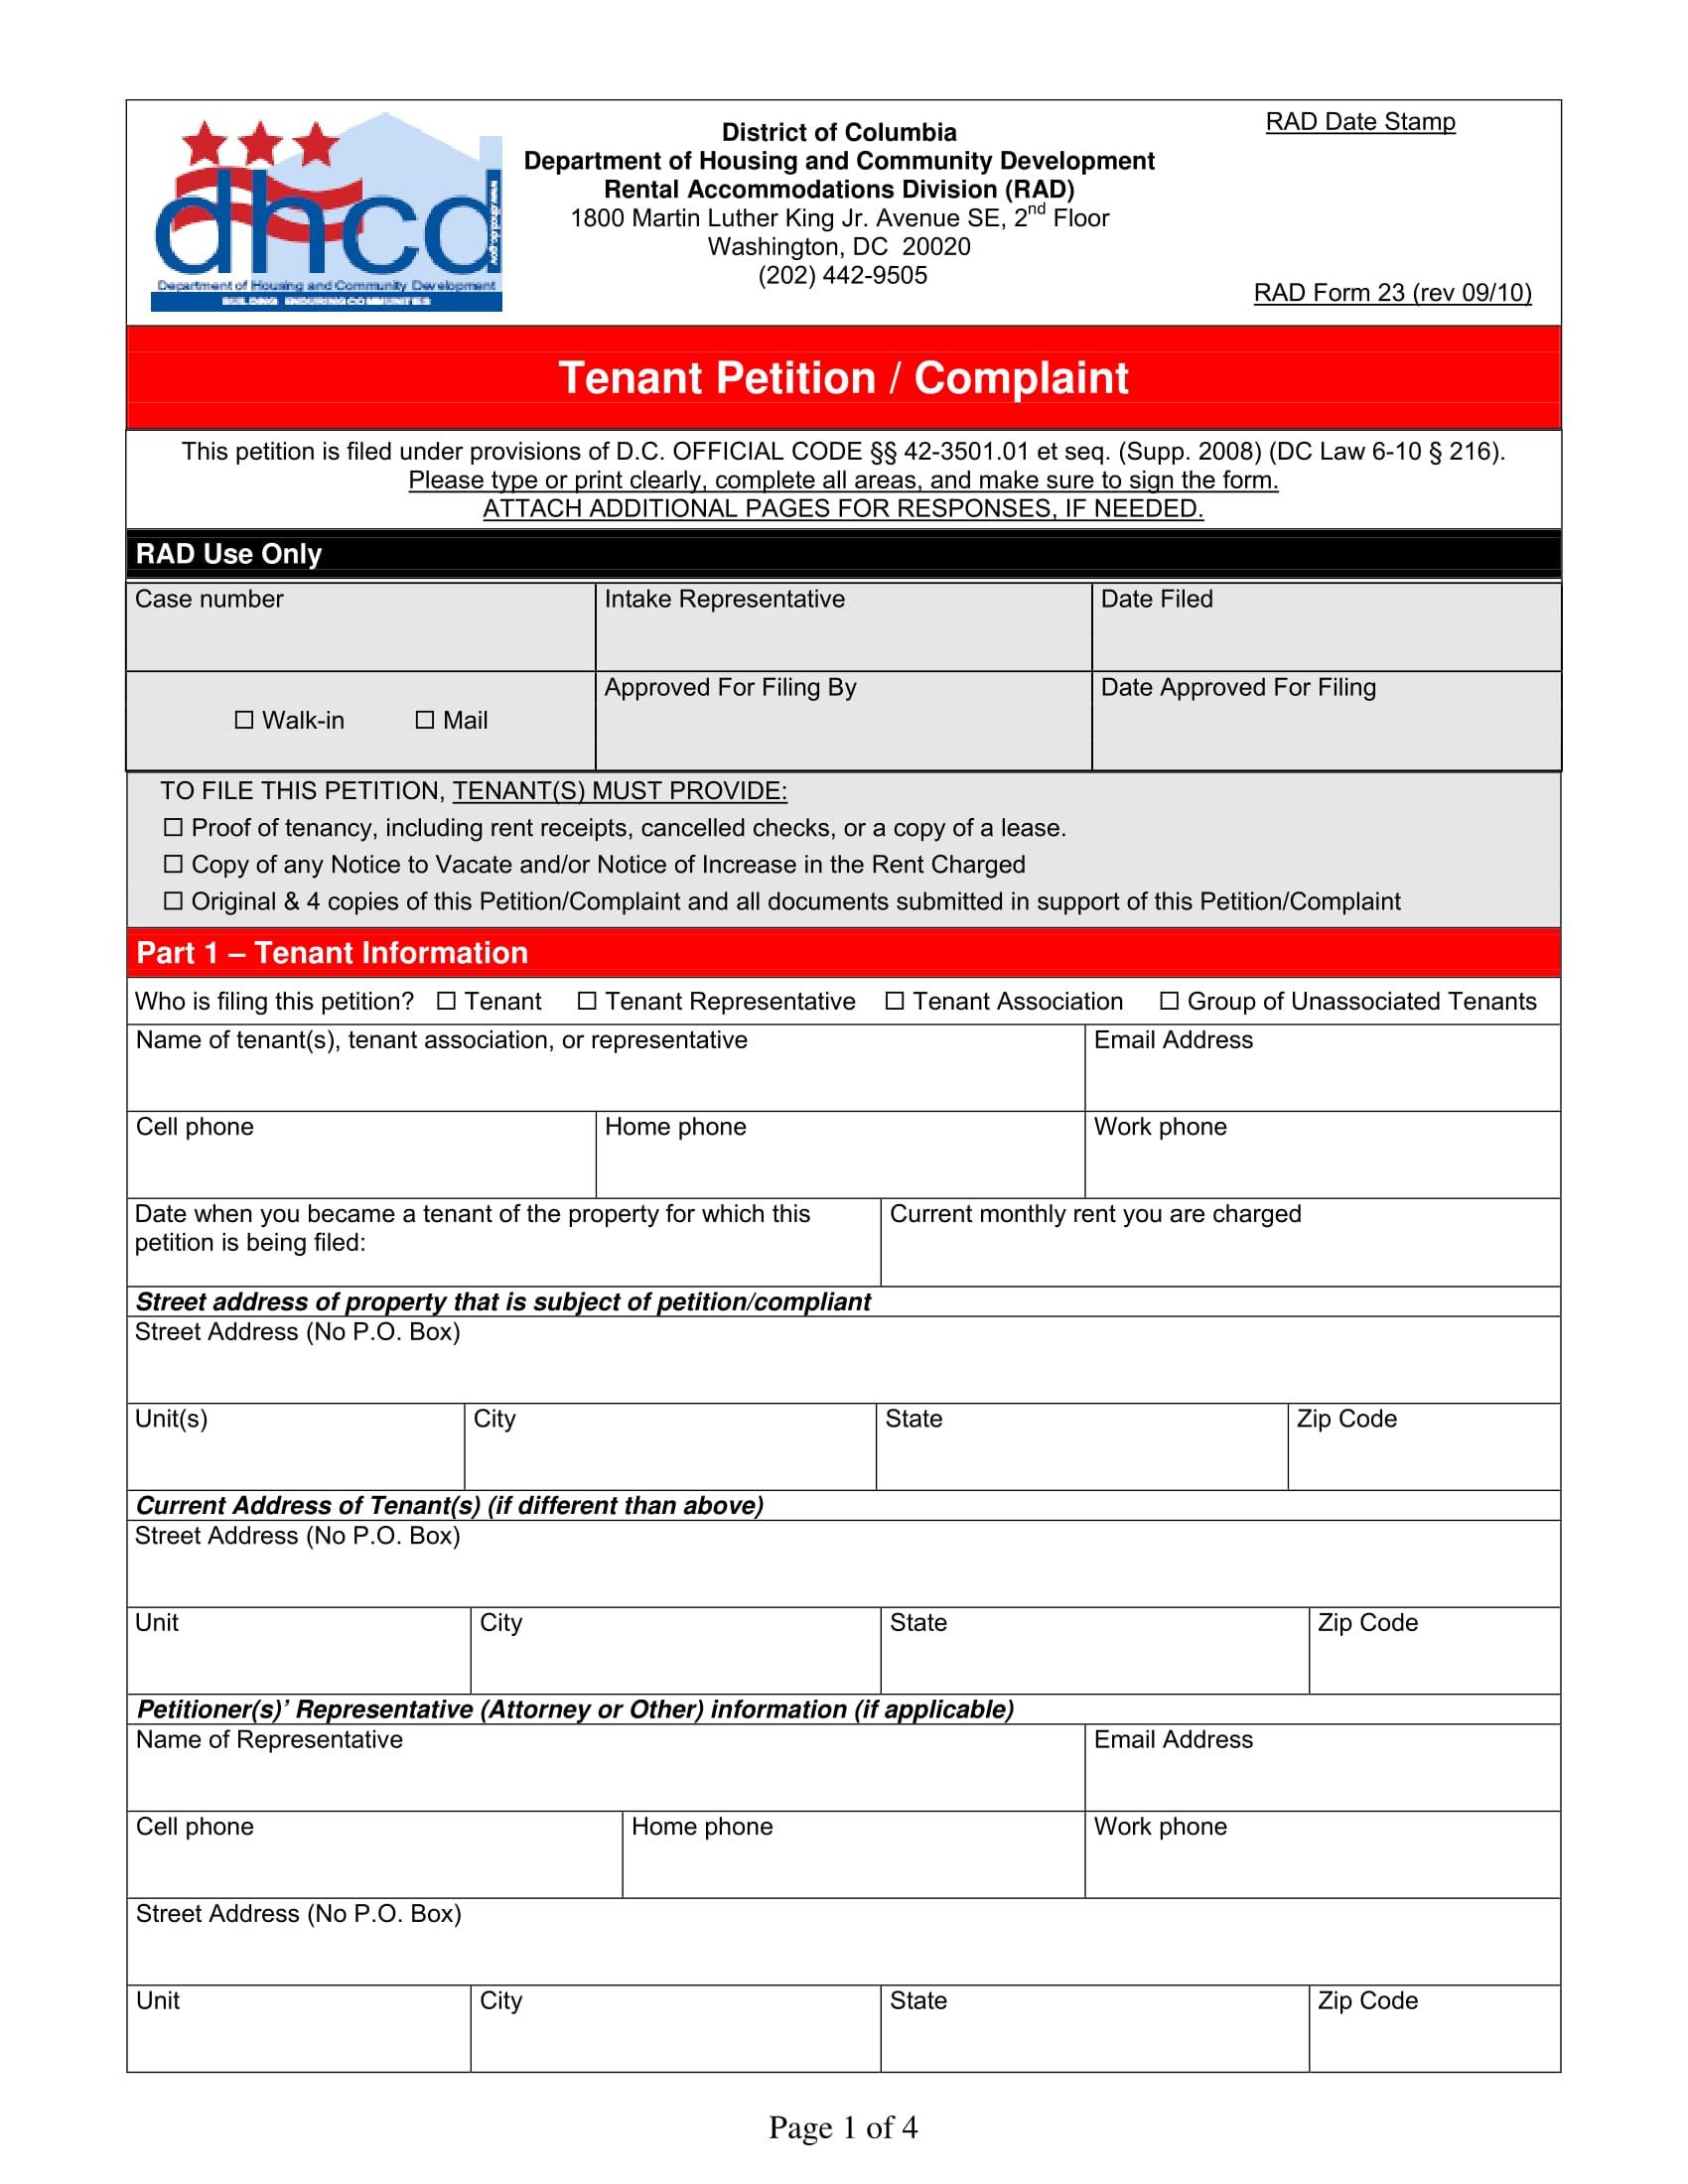 tenant petition complaint form 1